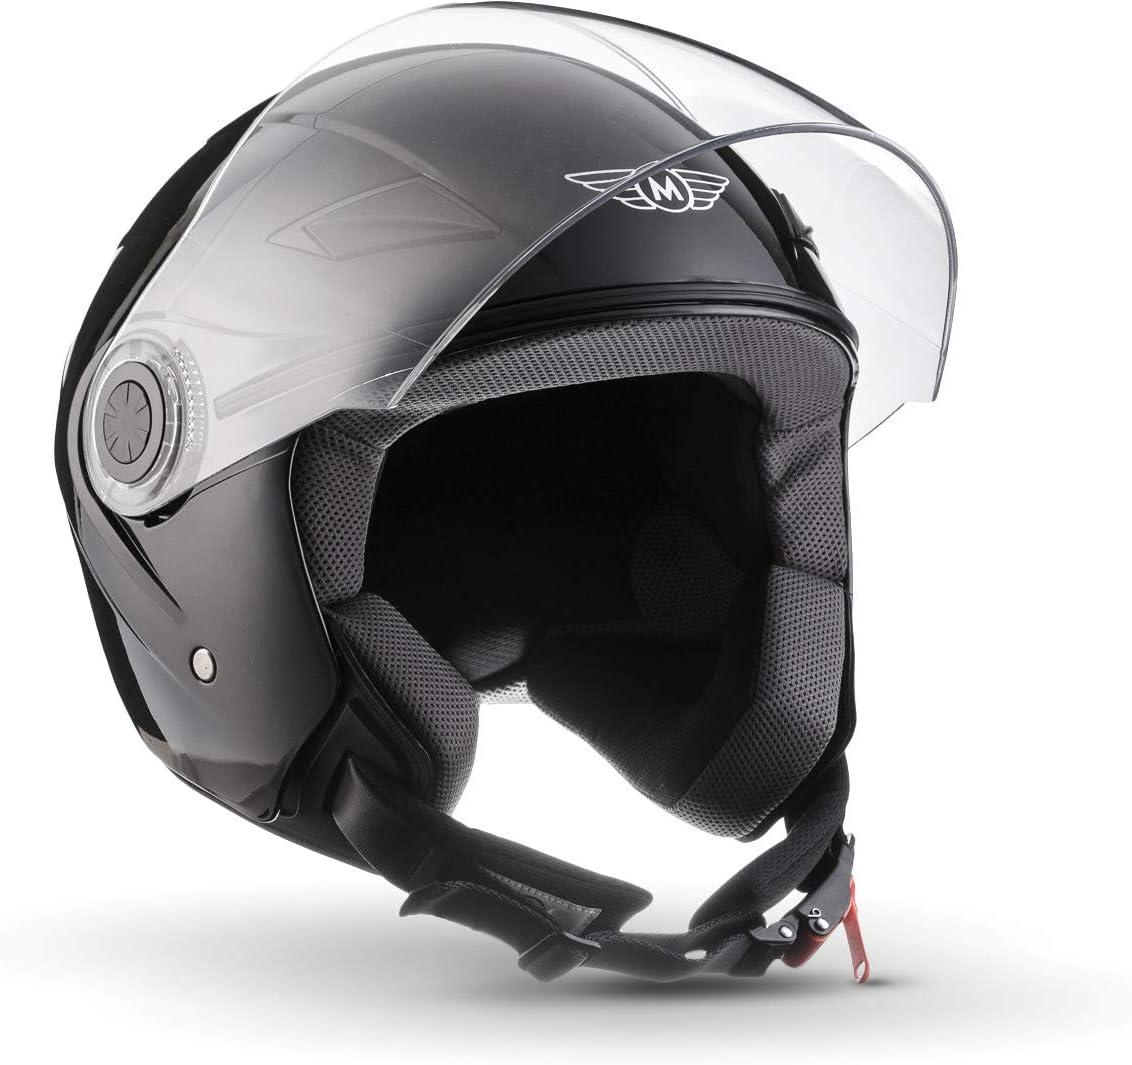 MOTO Helmets U52 Casque Gloss Noir 61-62cm XL ECE certifi/és compris le pare-soleil